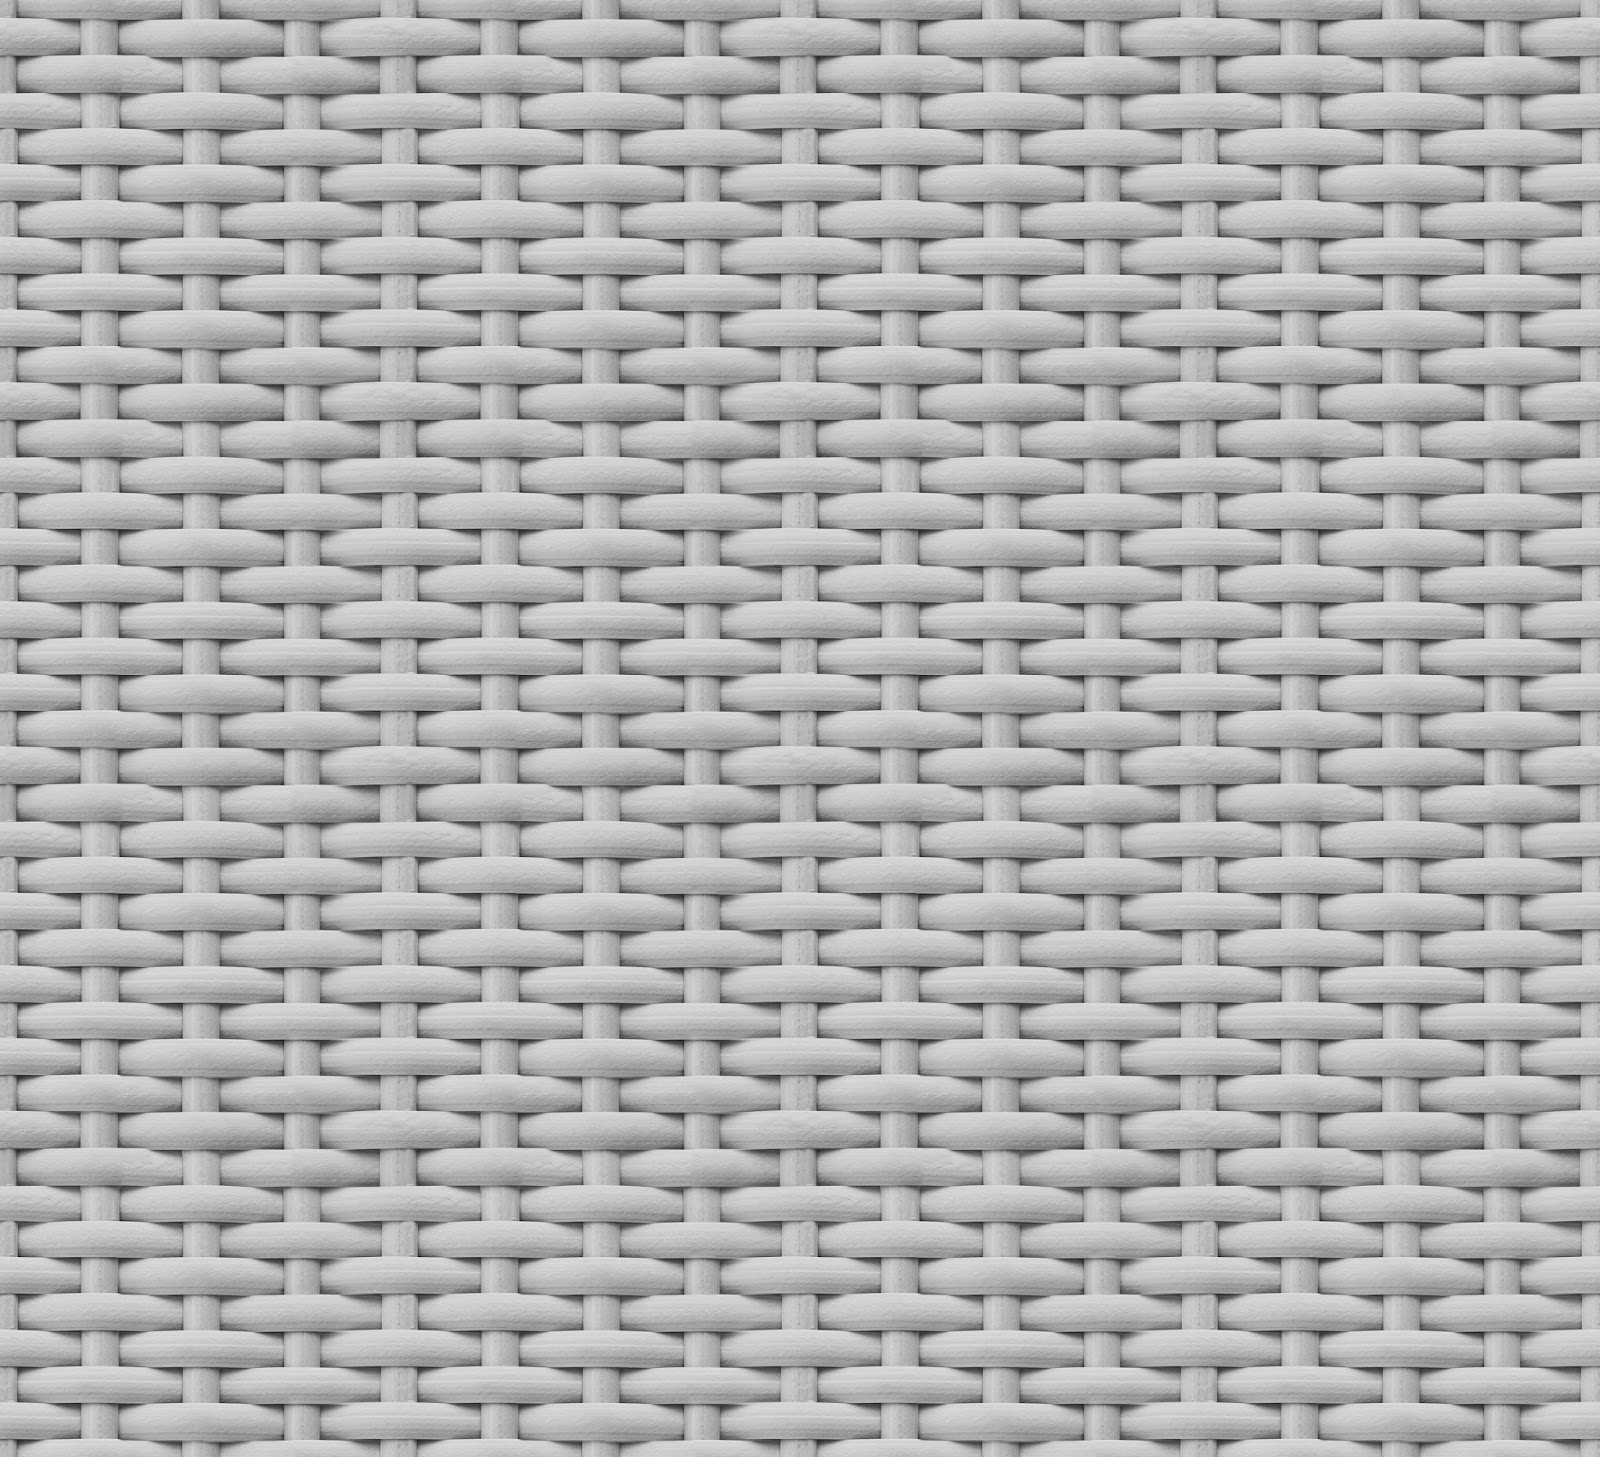 Tileable White Polyrattan Texture Maps Texturise